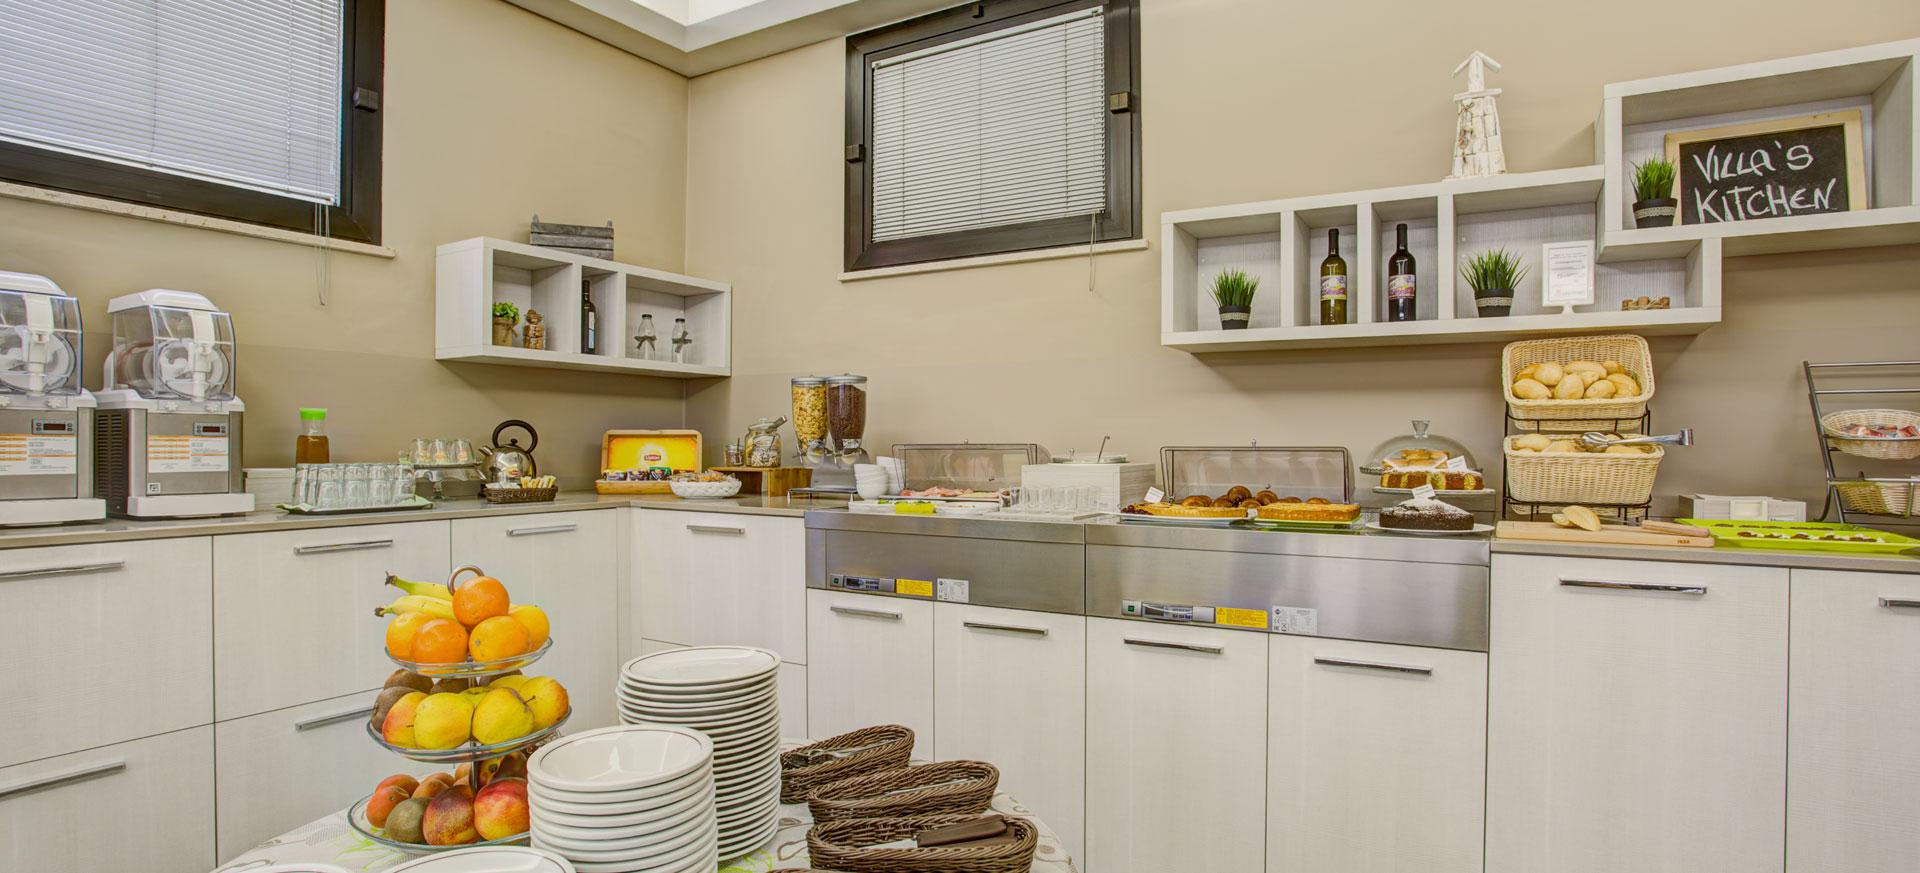 Villa dei Gerani | Hotel con cucina tipica riminese Rimini